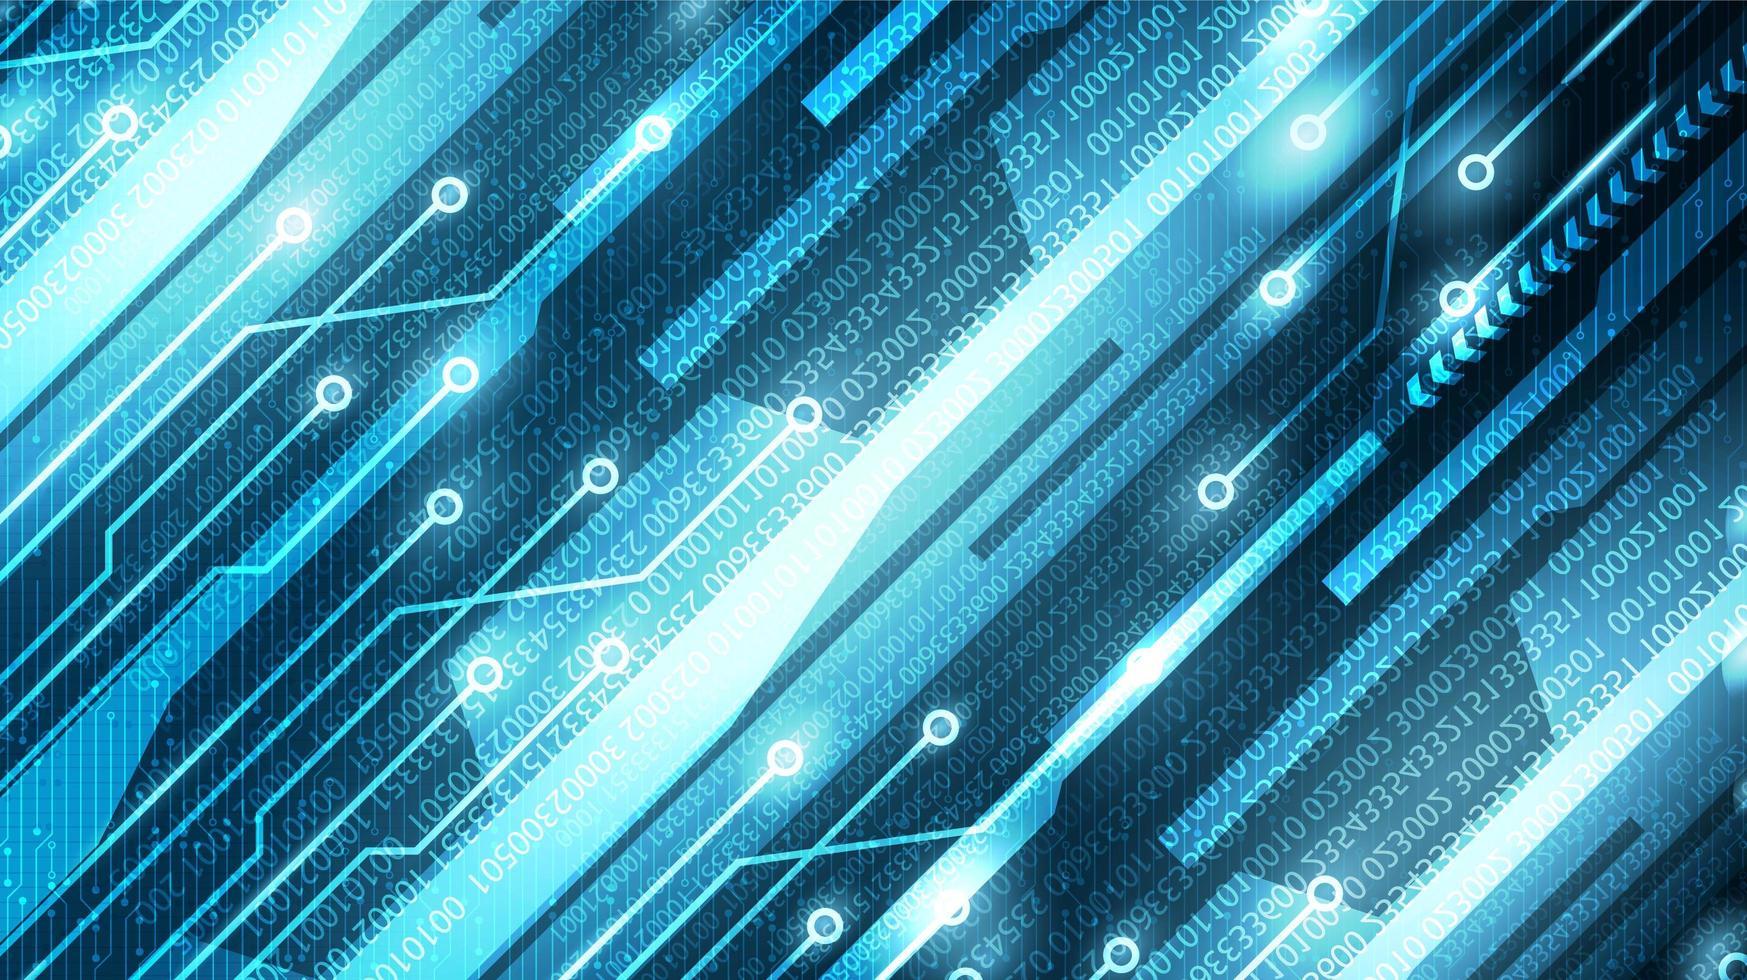 digitale cybertechnologie op toekomstige achtergrond, hi-tech digitaal en communicatie conceptontwerp, vrije ruimte voor tekst vector